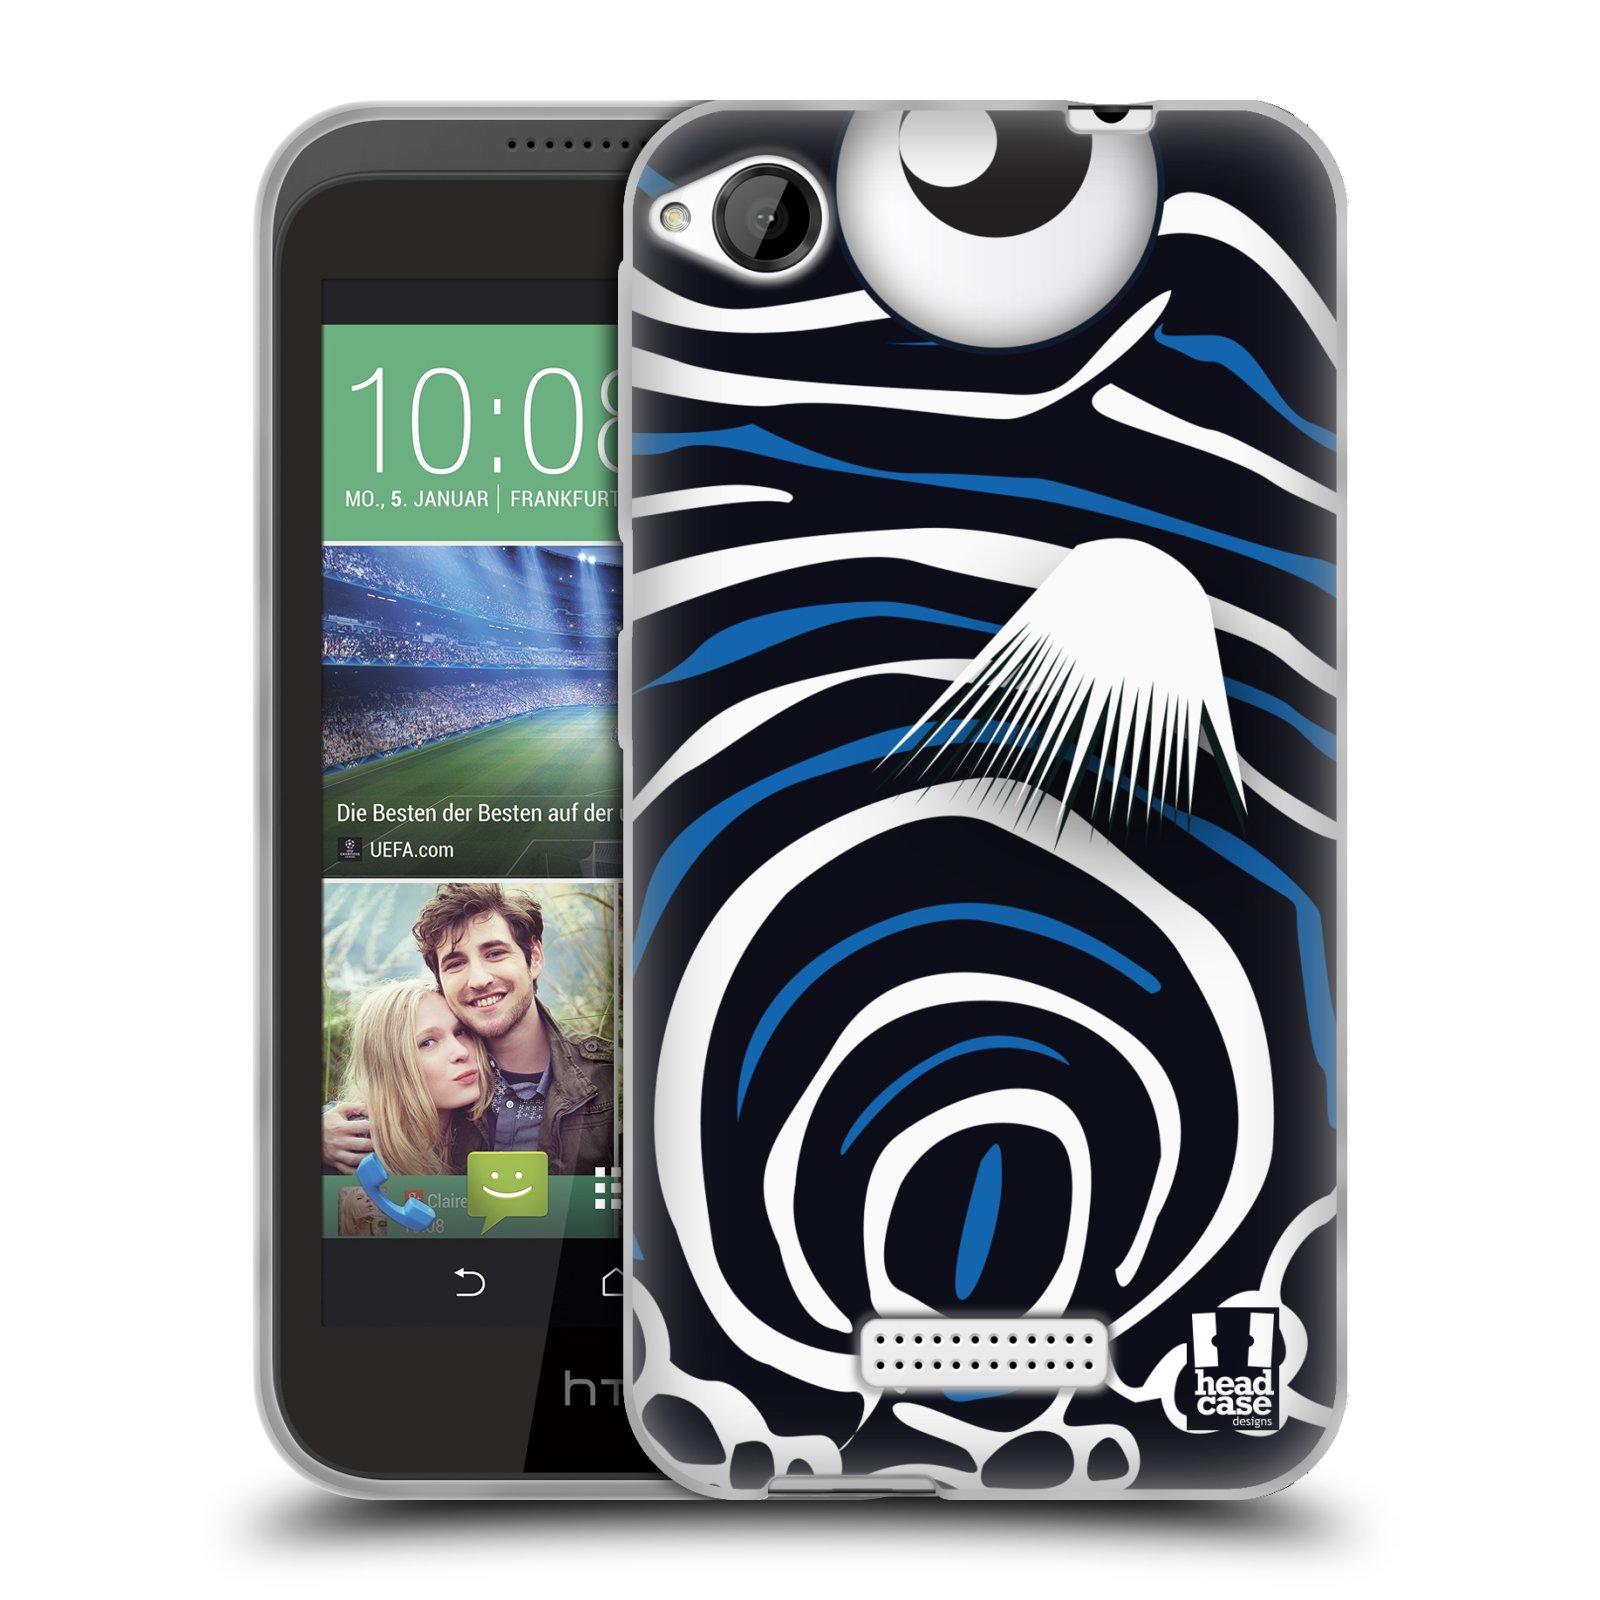 HEAD CASE silikonový obal na mobil HTC DESIRE 320 vzor Rybičky z profilu Angelfish